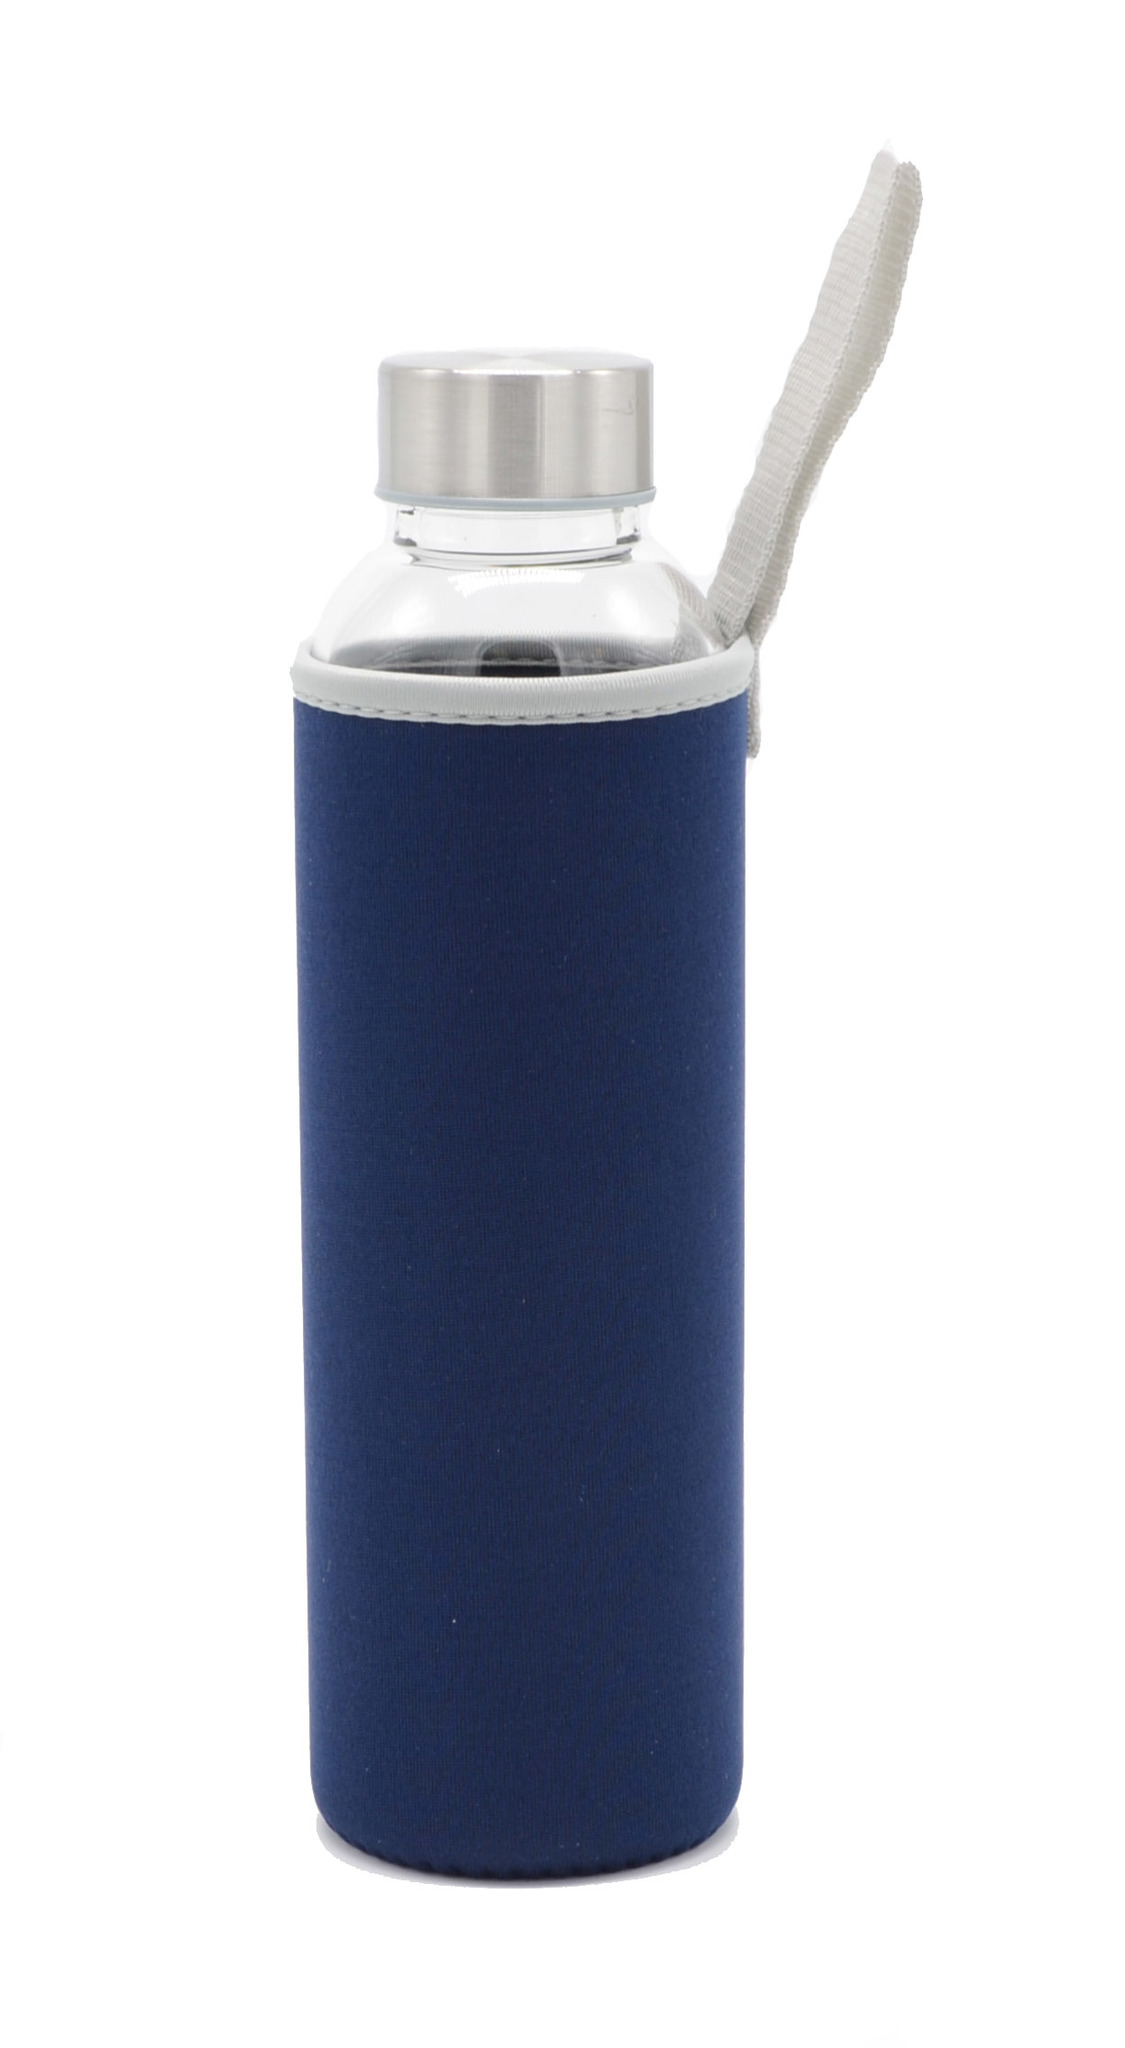 Бутылка из боросиликатного стекла с чехлом 550 мл. синяя